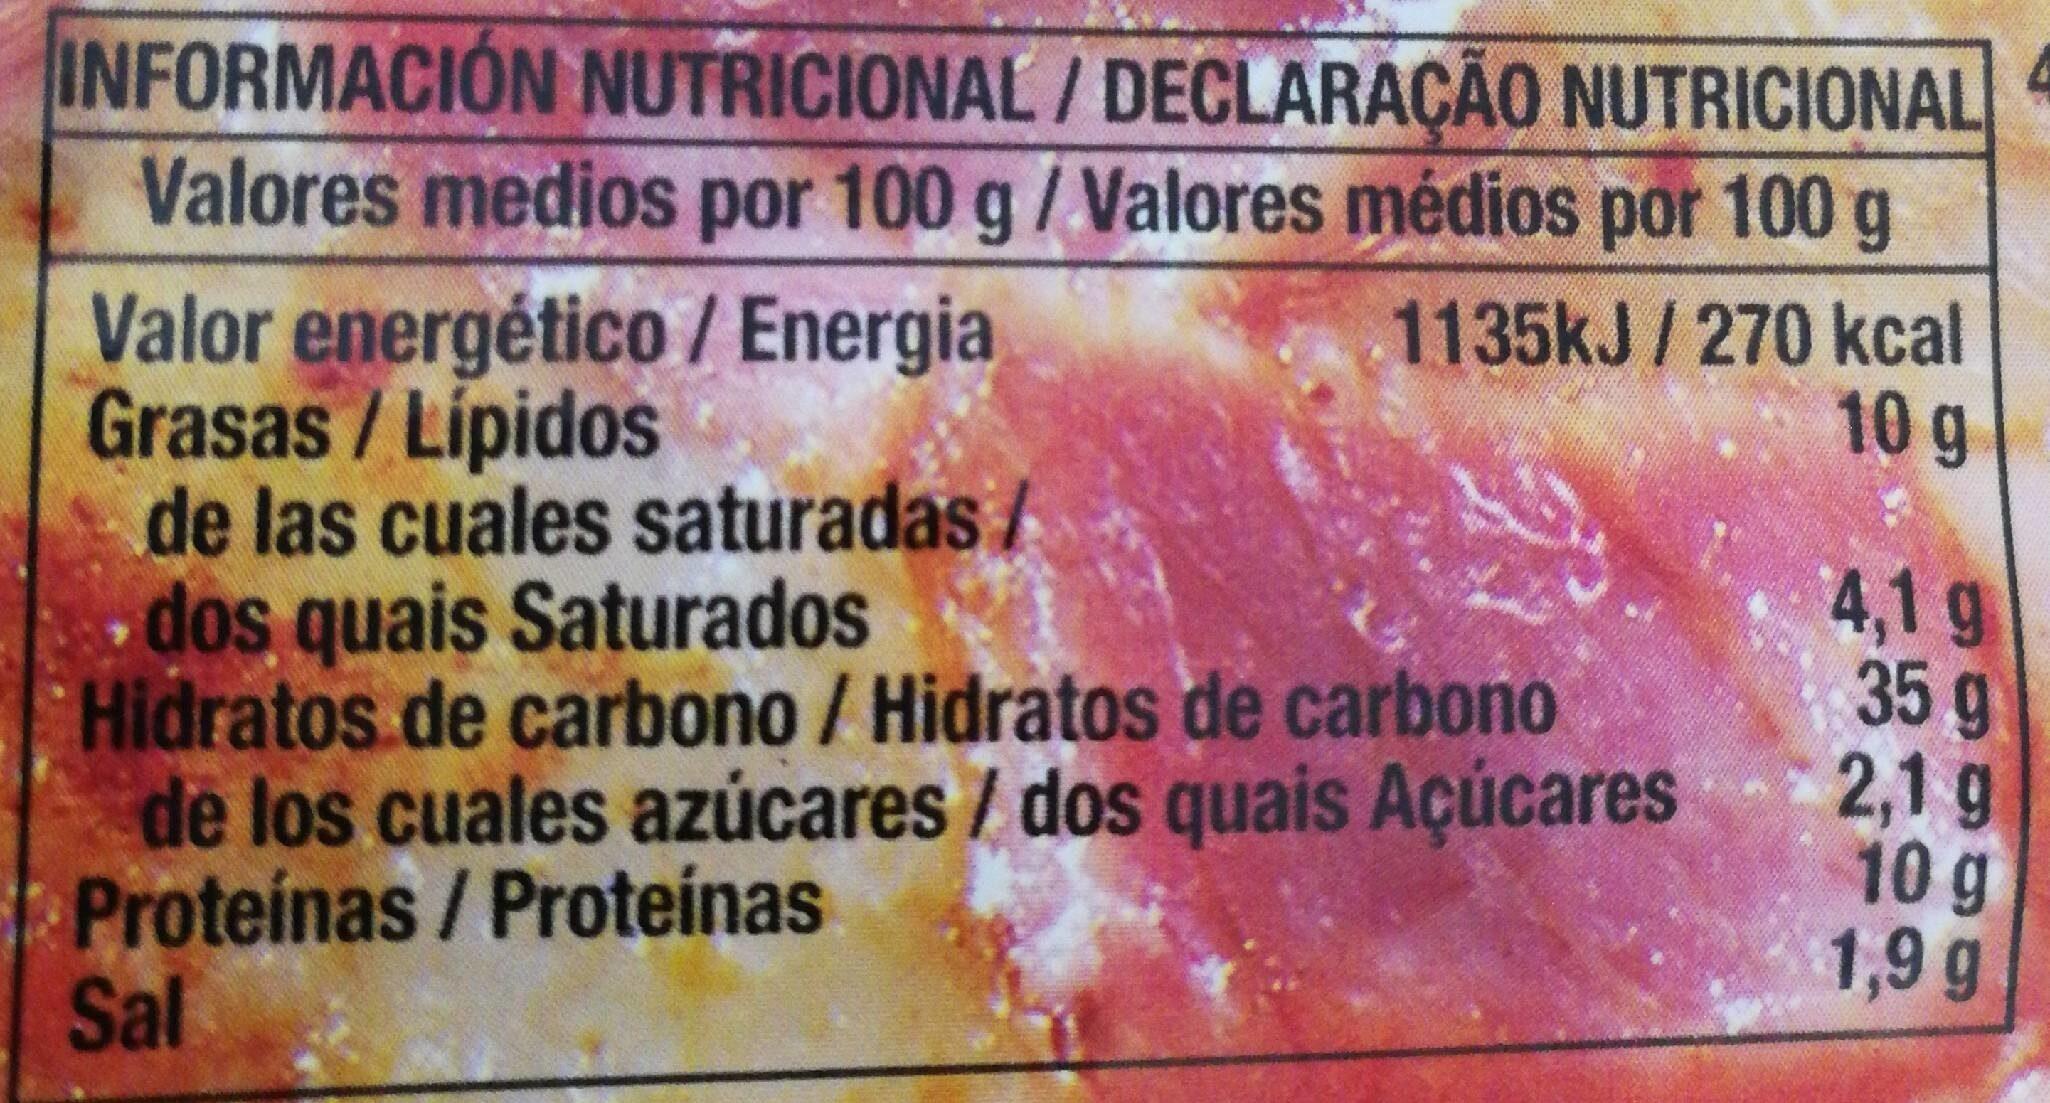 Pizza & Salsa Jamón y queso - Información nutricional